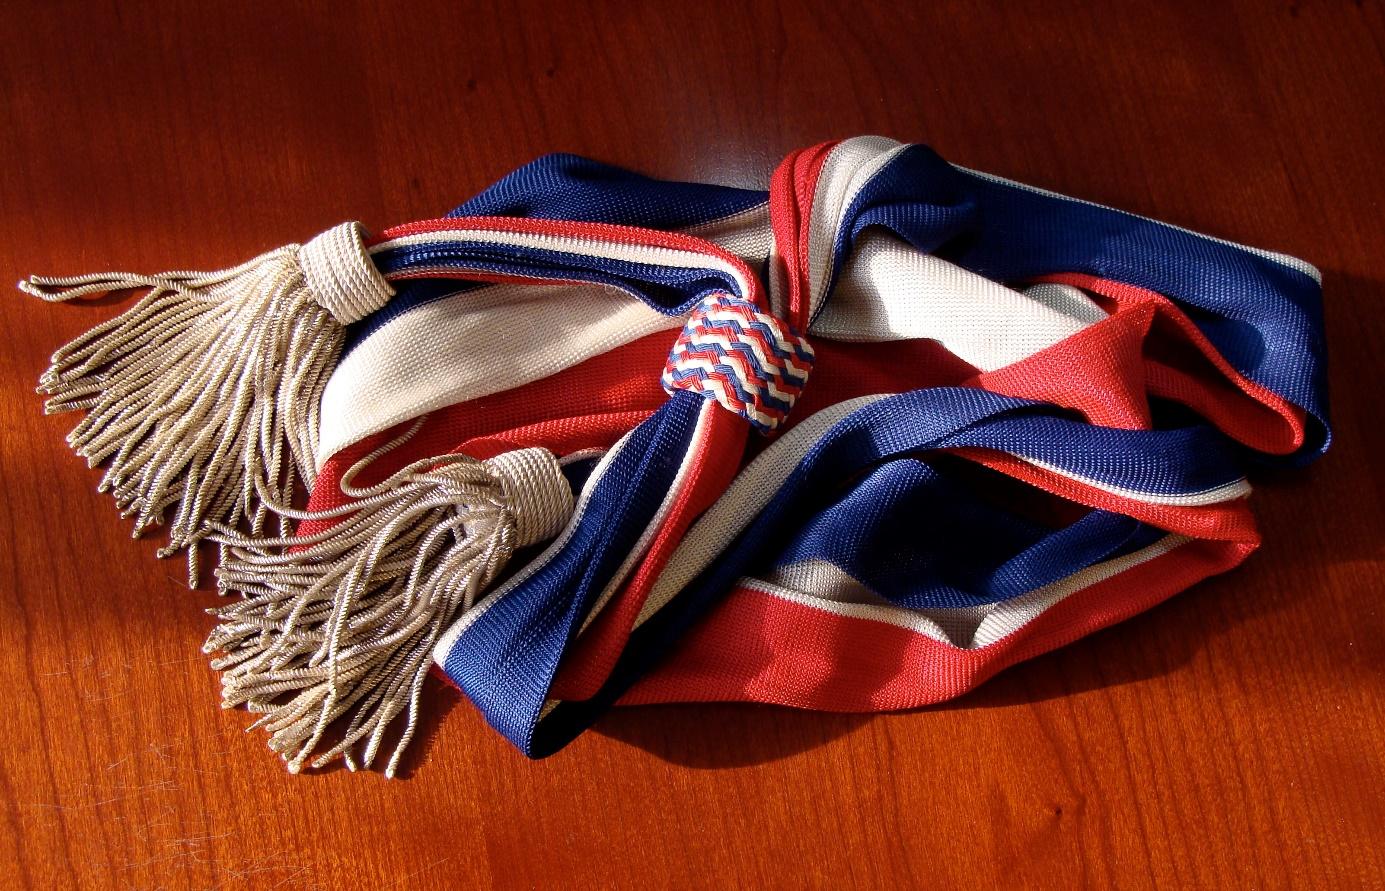 Drago Paris propose des écharpes municipales d'une qualité exceptionnelle